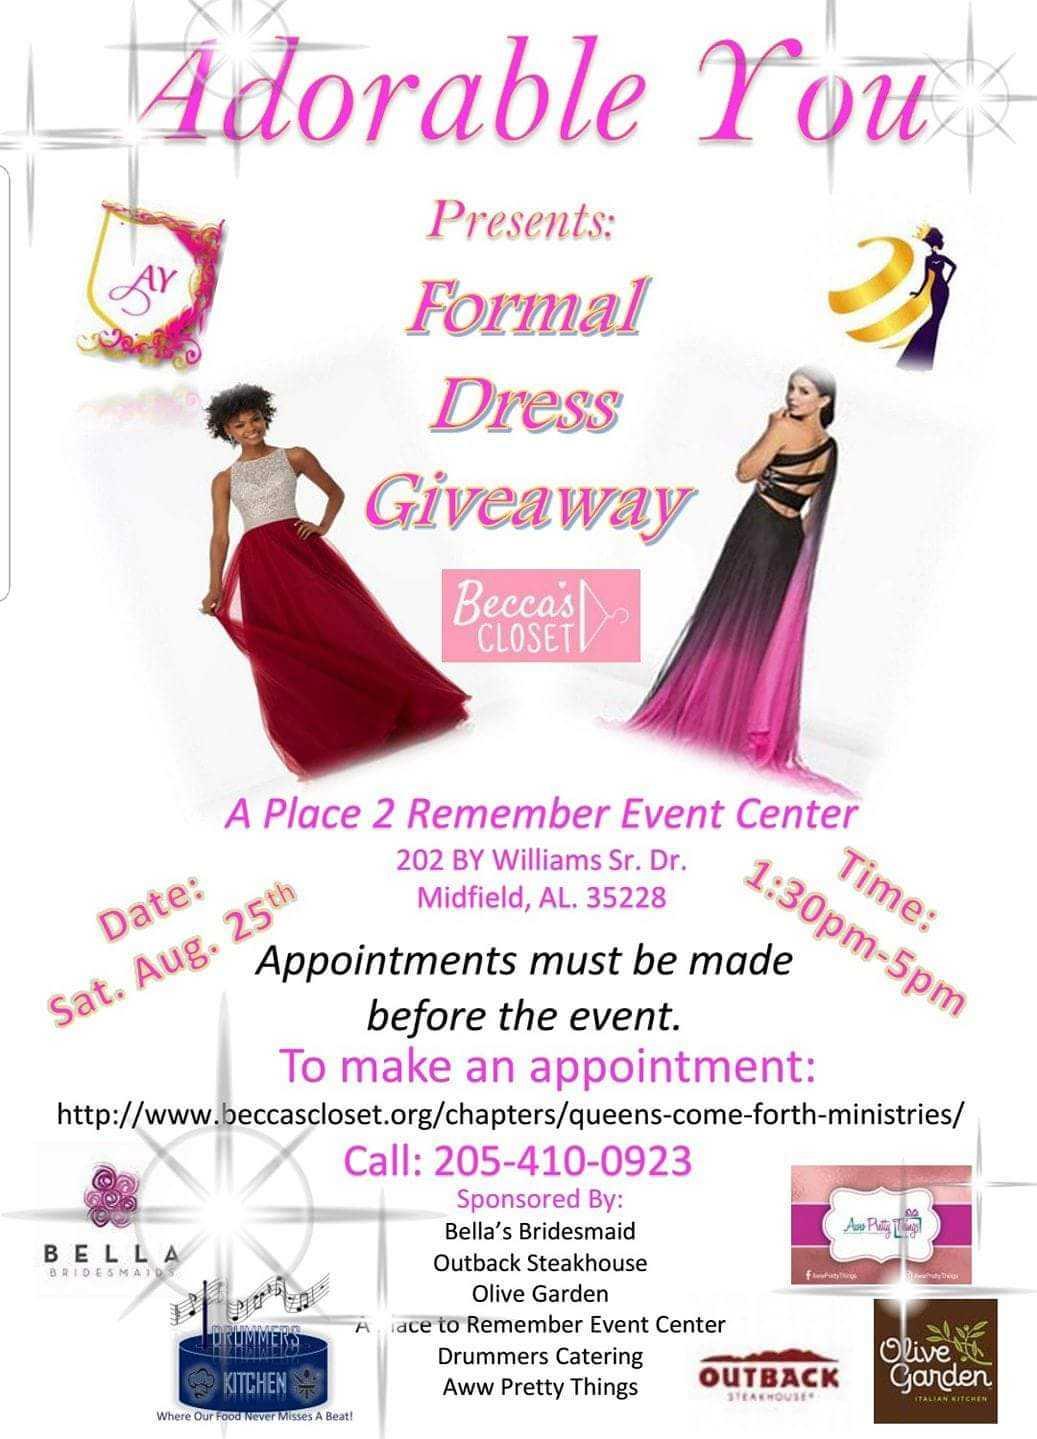 dress giveaway flier_1534996062223.jpg.jpg